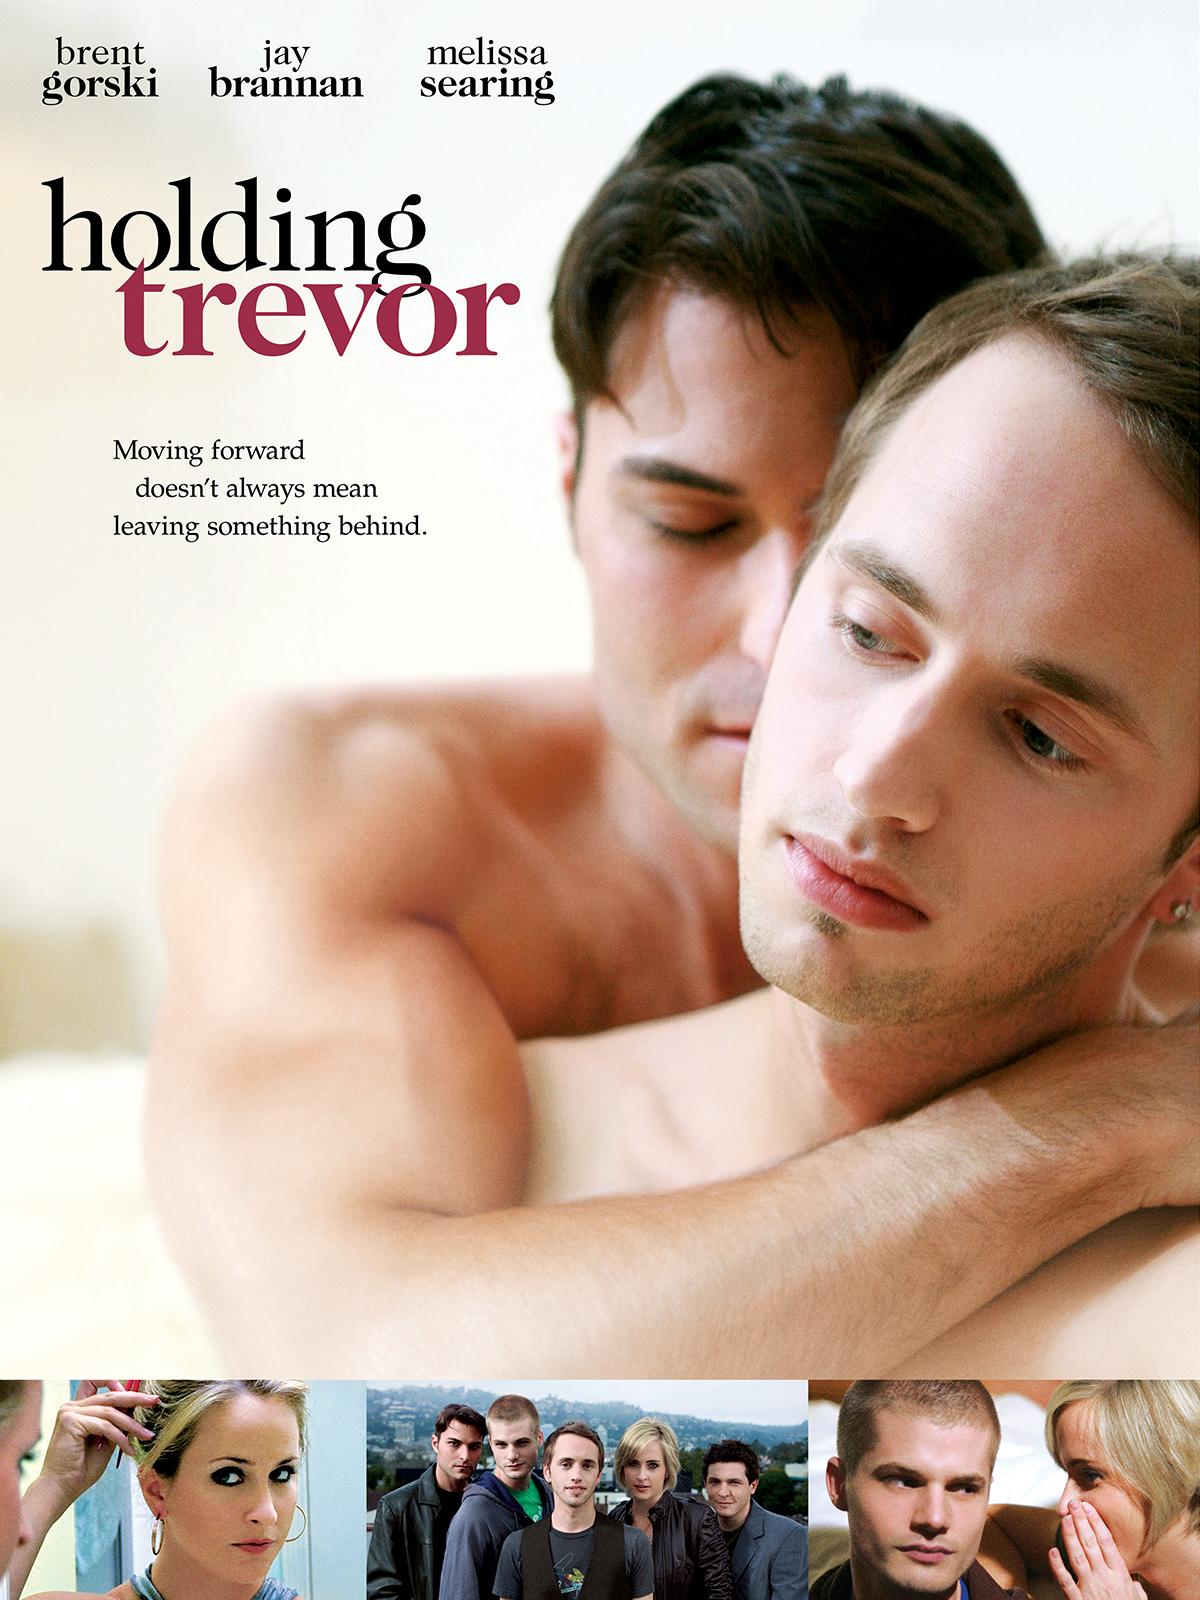 Here-HoldingTrevor-Full-Image-en-US.jpg